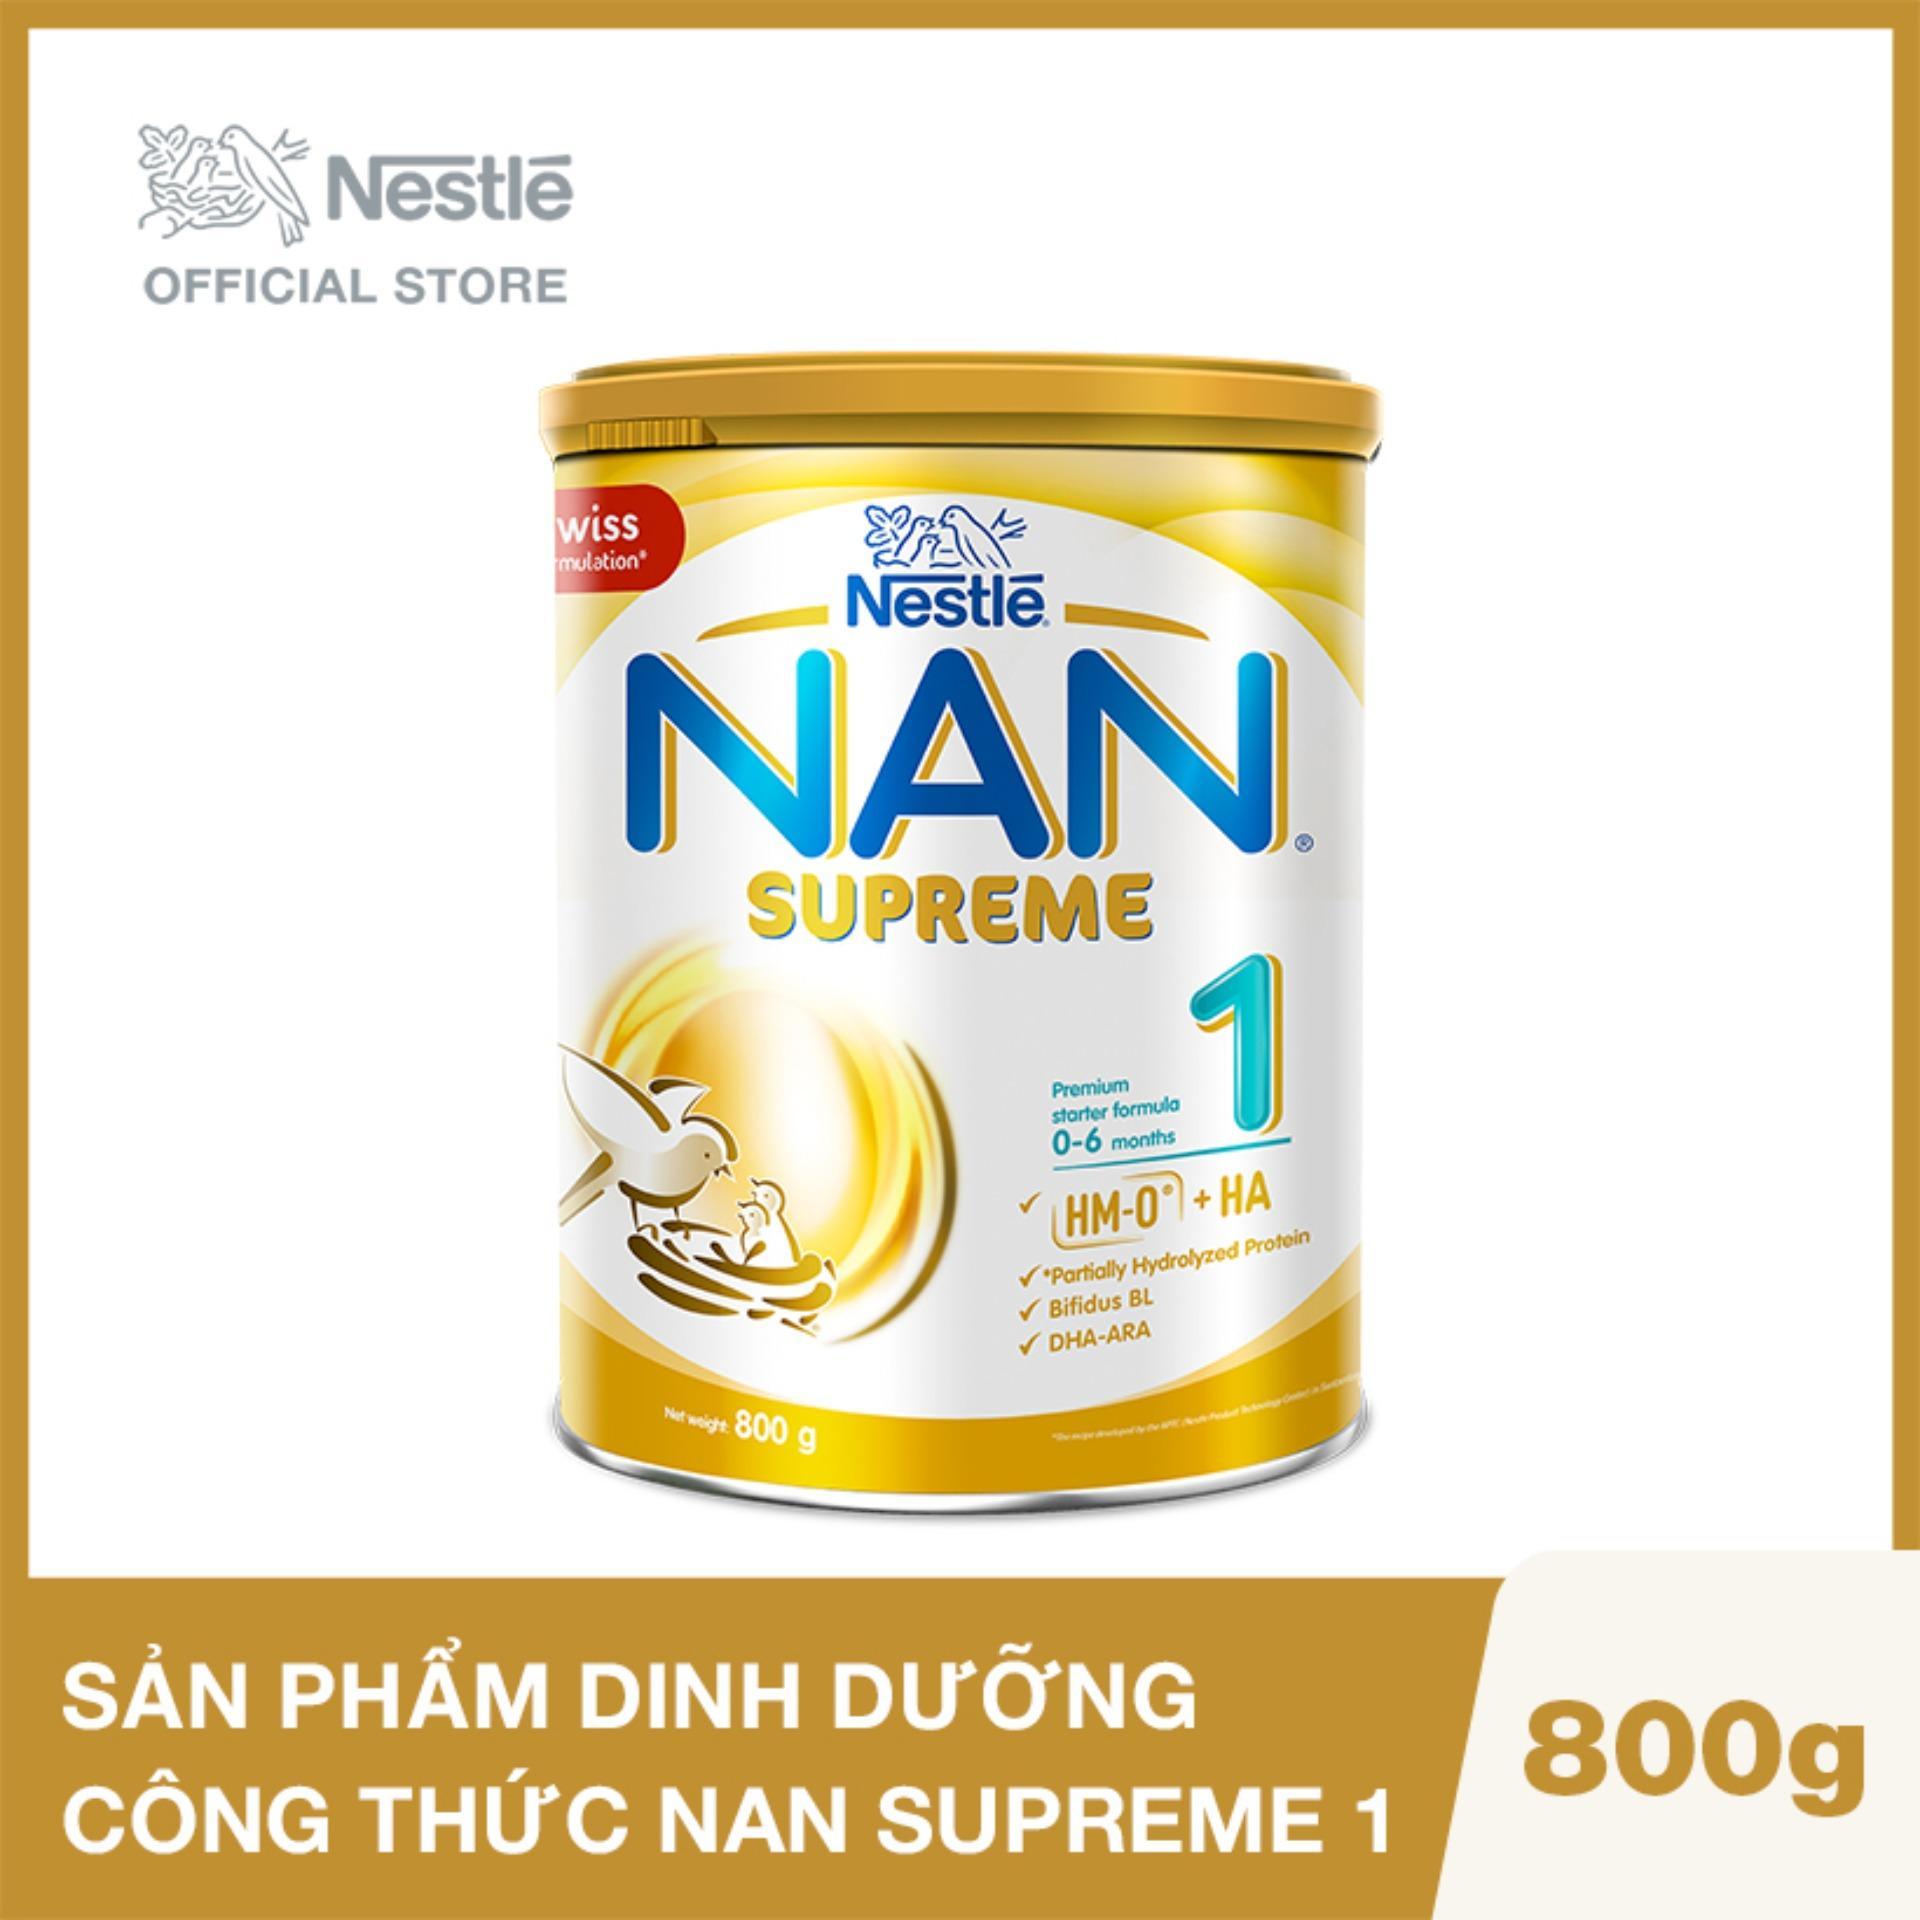 Sản phẩm dinh dưỡng công thức Nestlé NAN SUPREME 1...